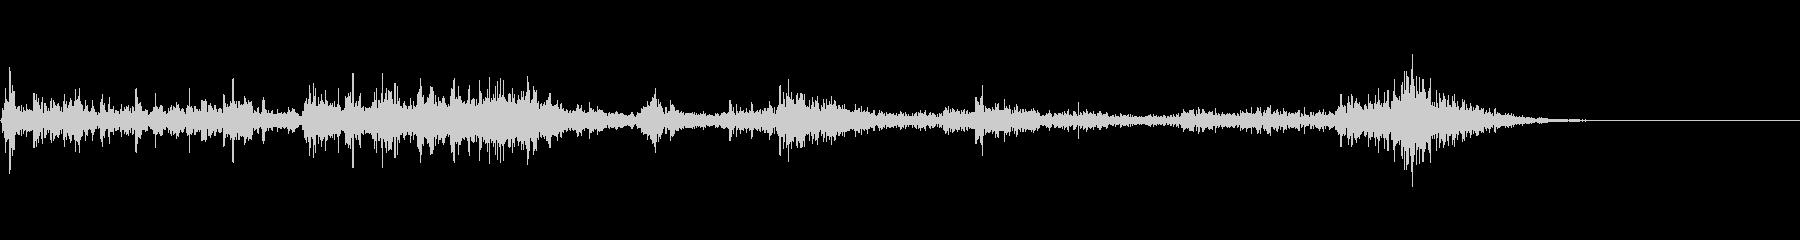 カミナリ(遠雷)-06の未再生の波形